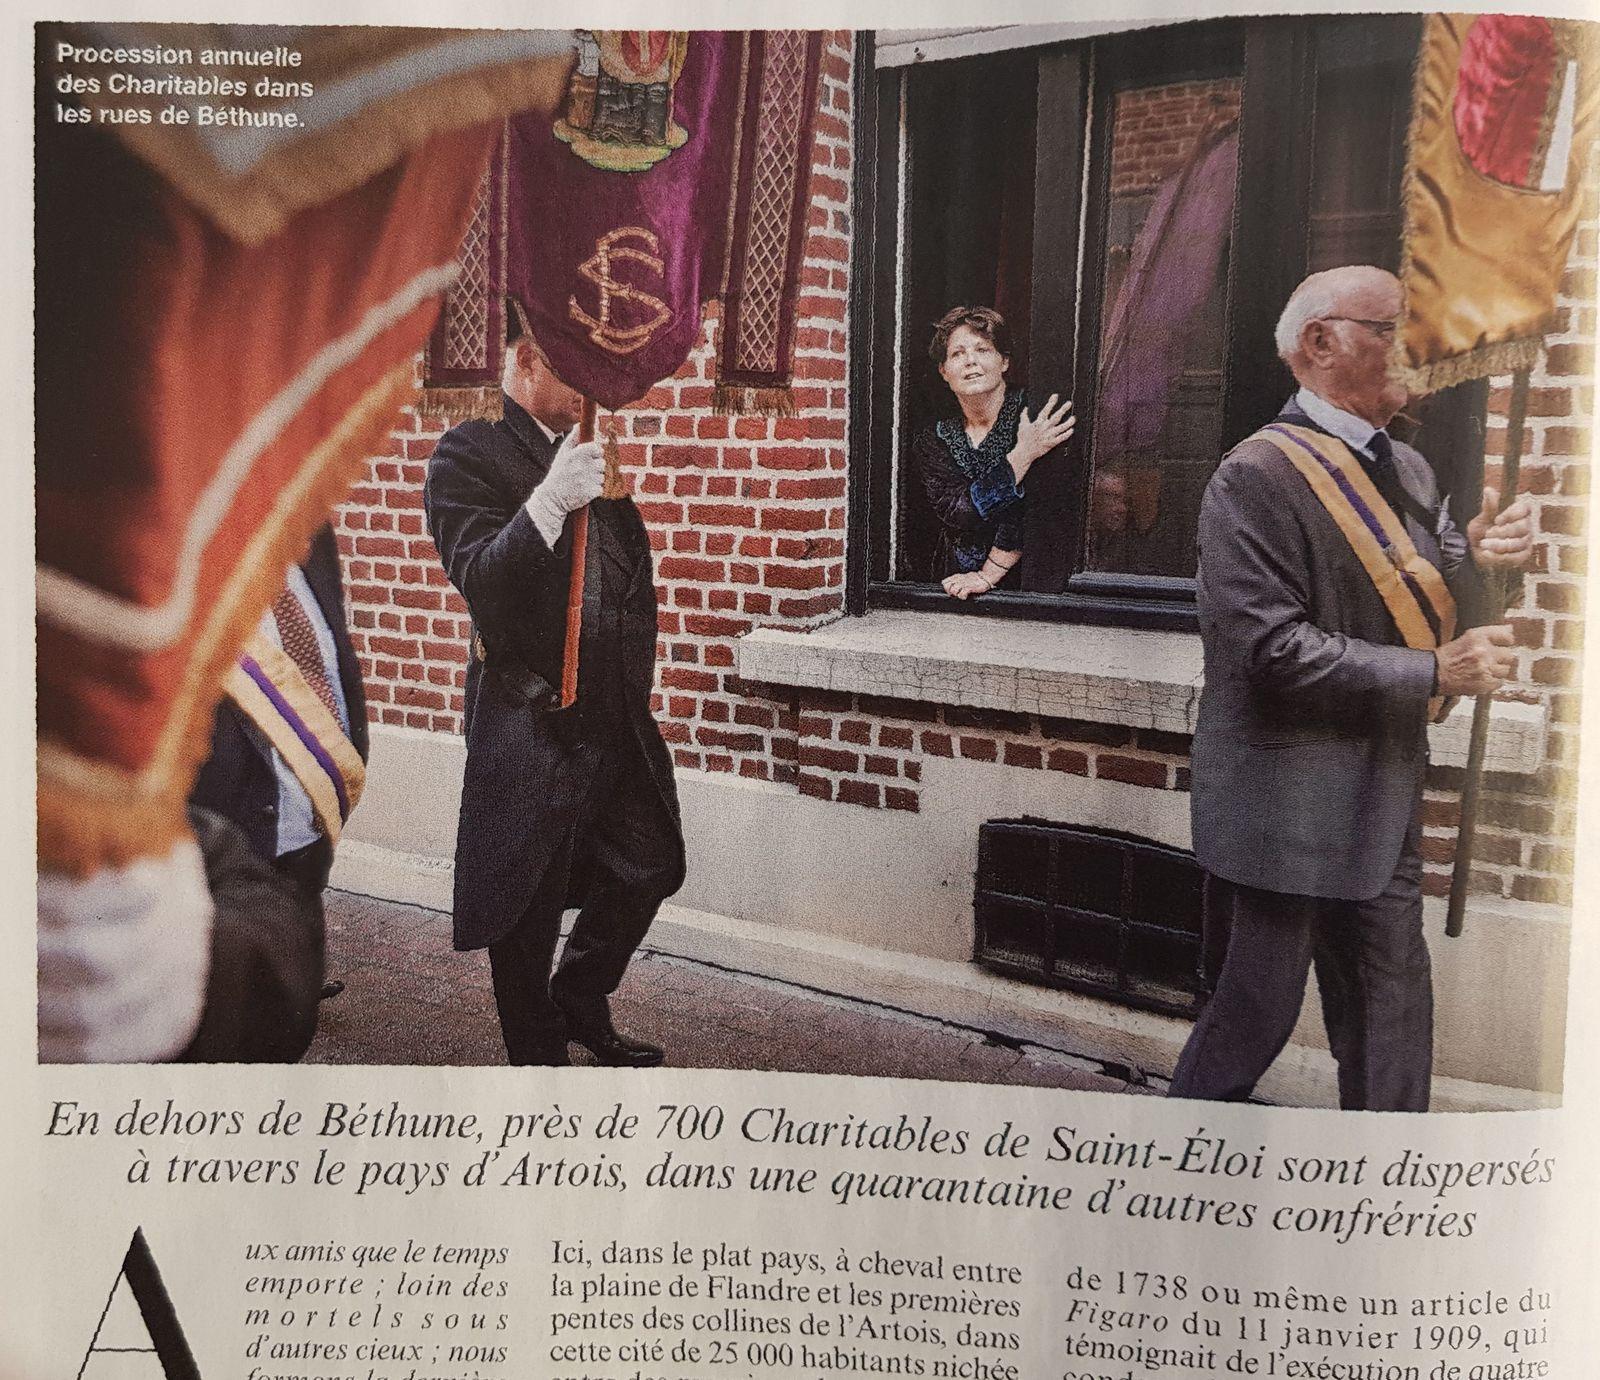 Les Charitables: 9 pages dans le Figaro Magazine